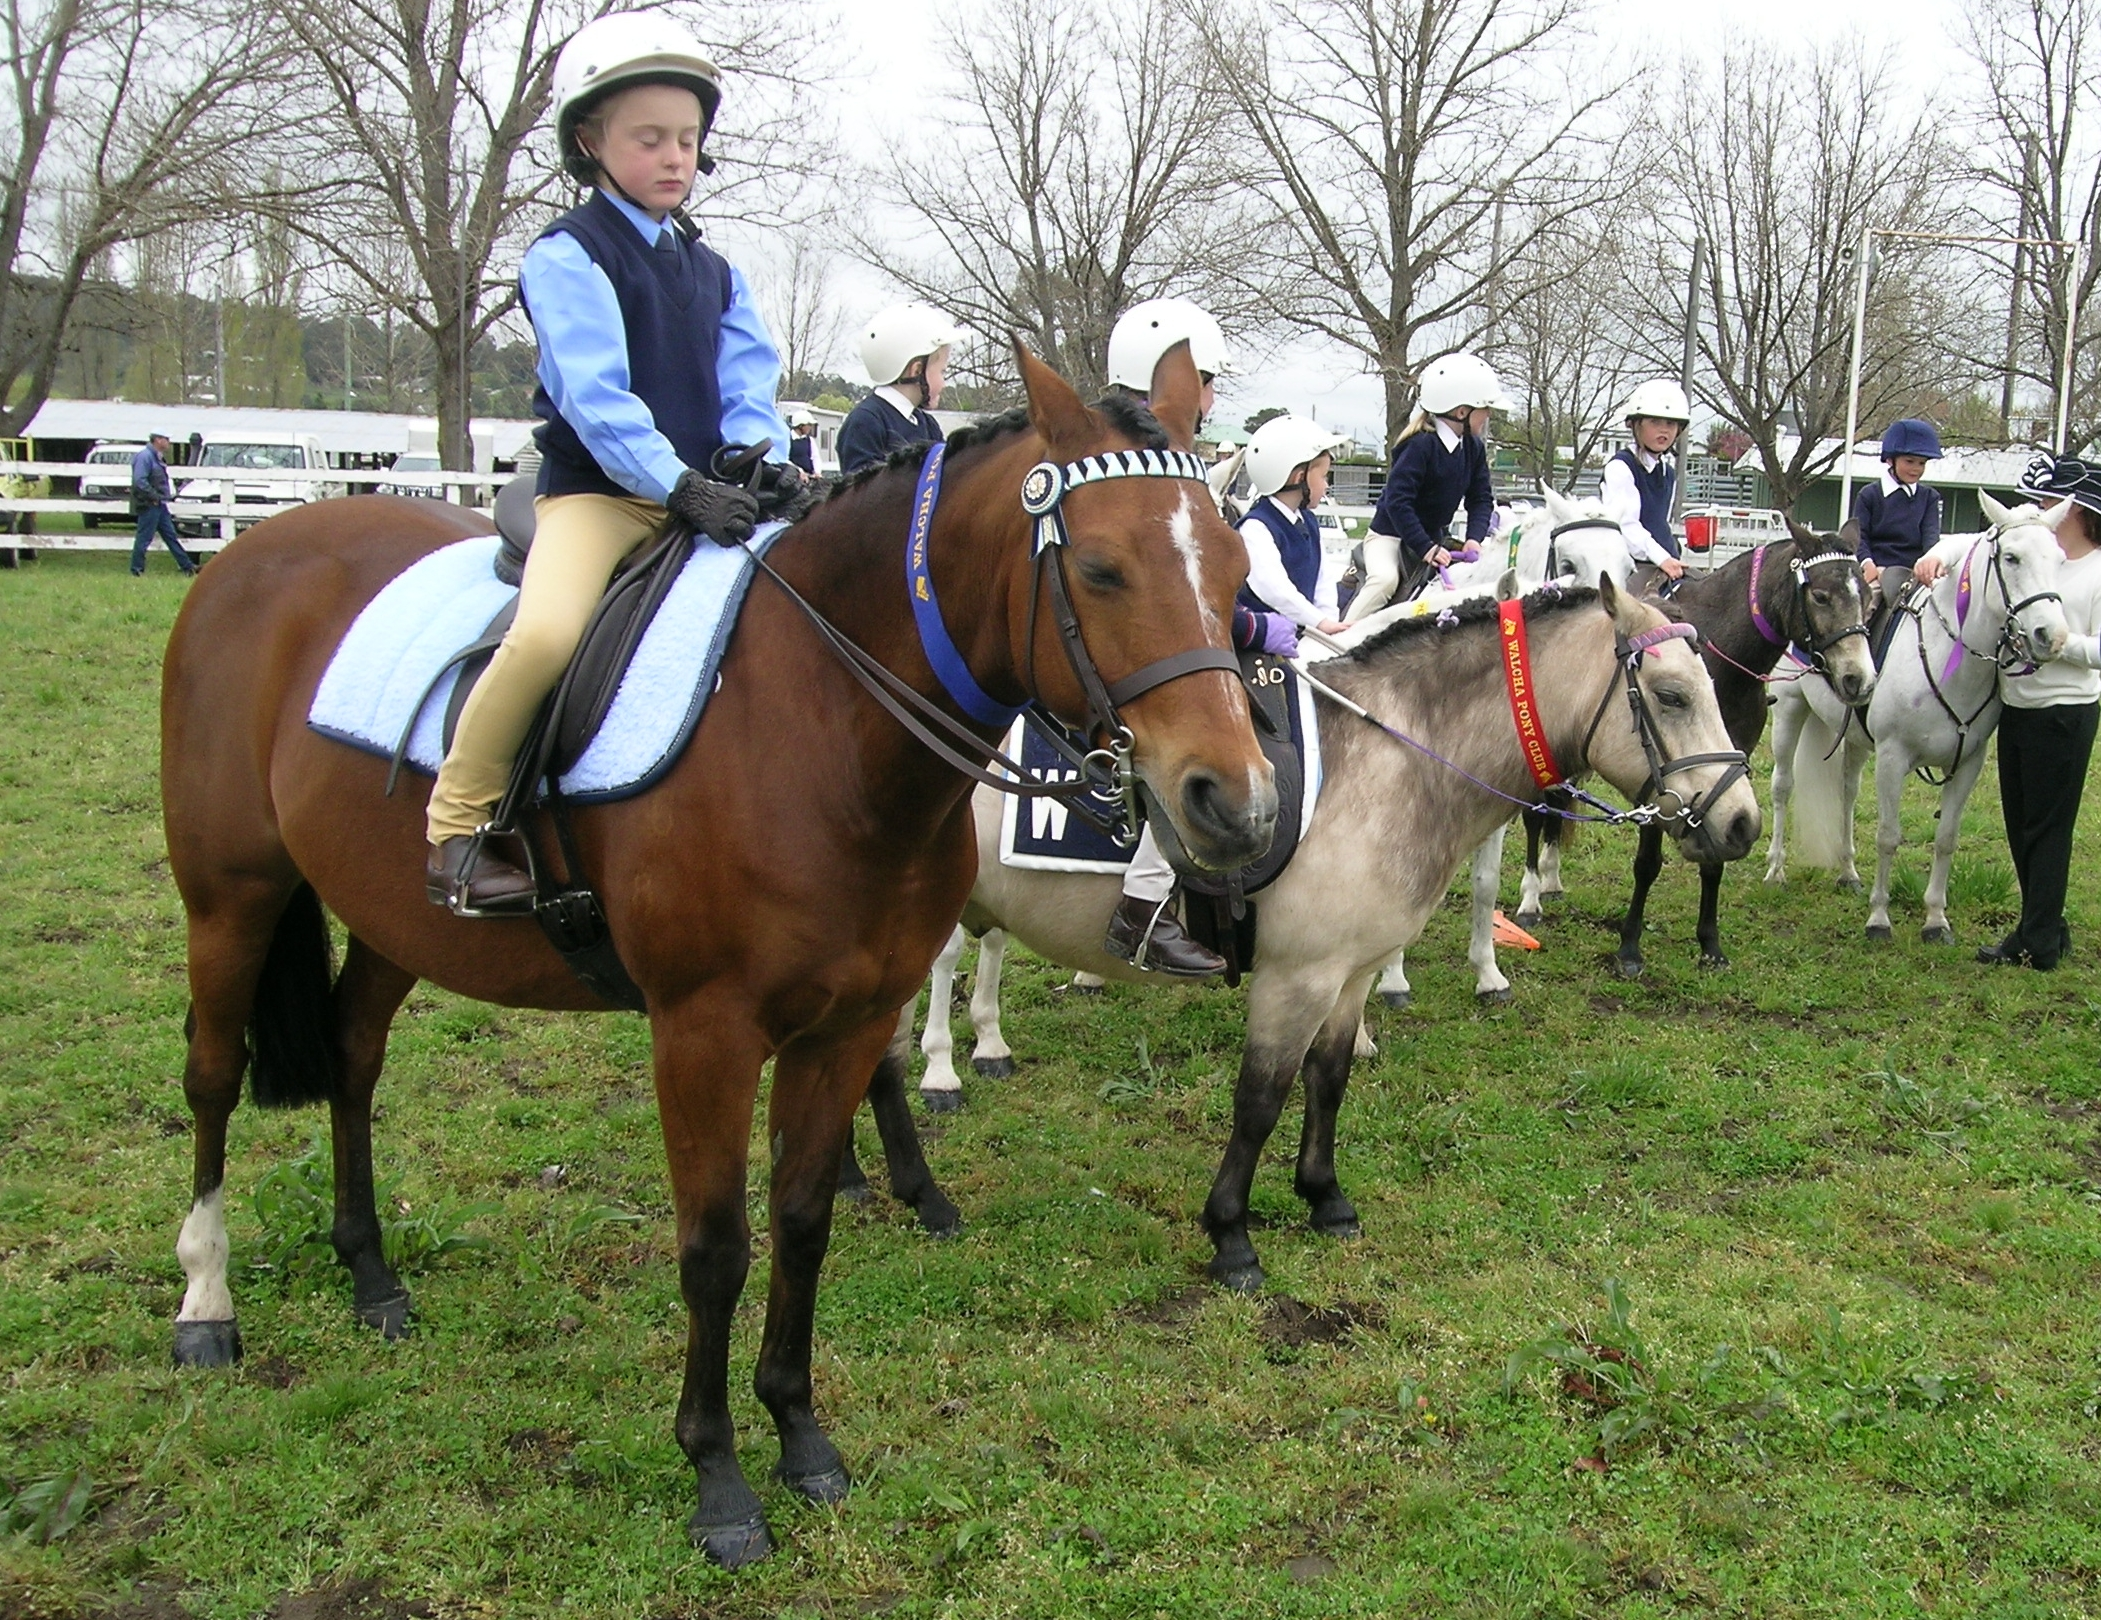 File:Pony club gymkhana.JPG - Wikipedia